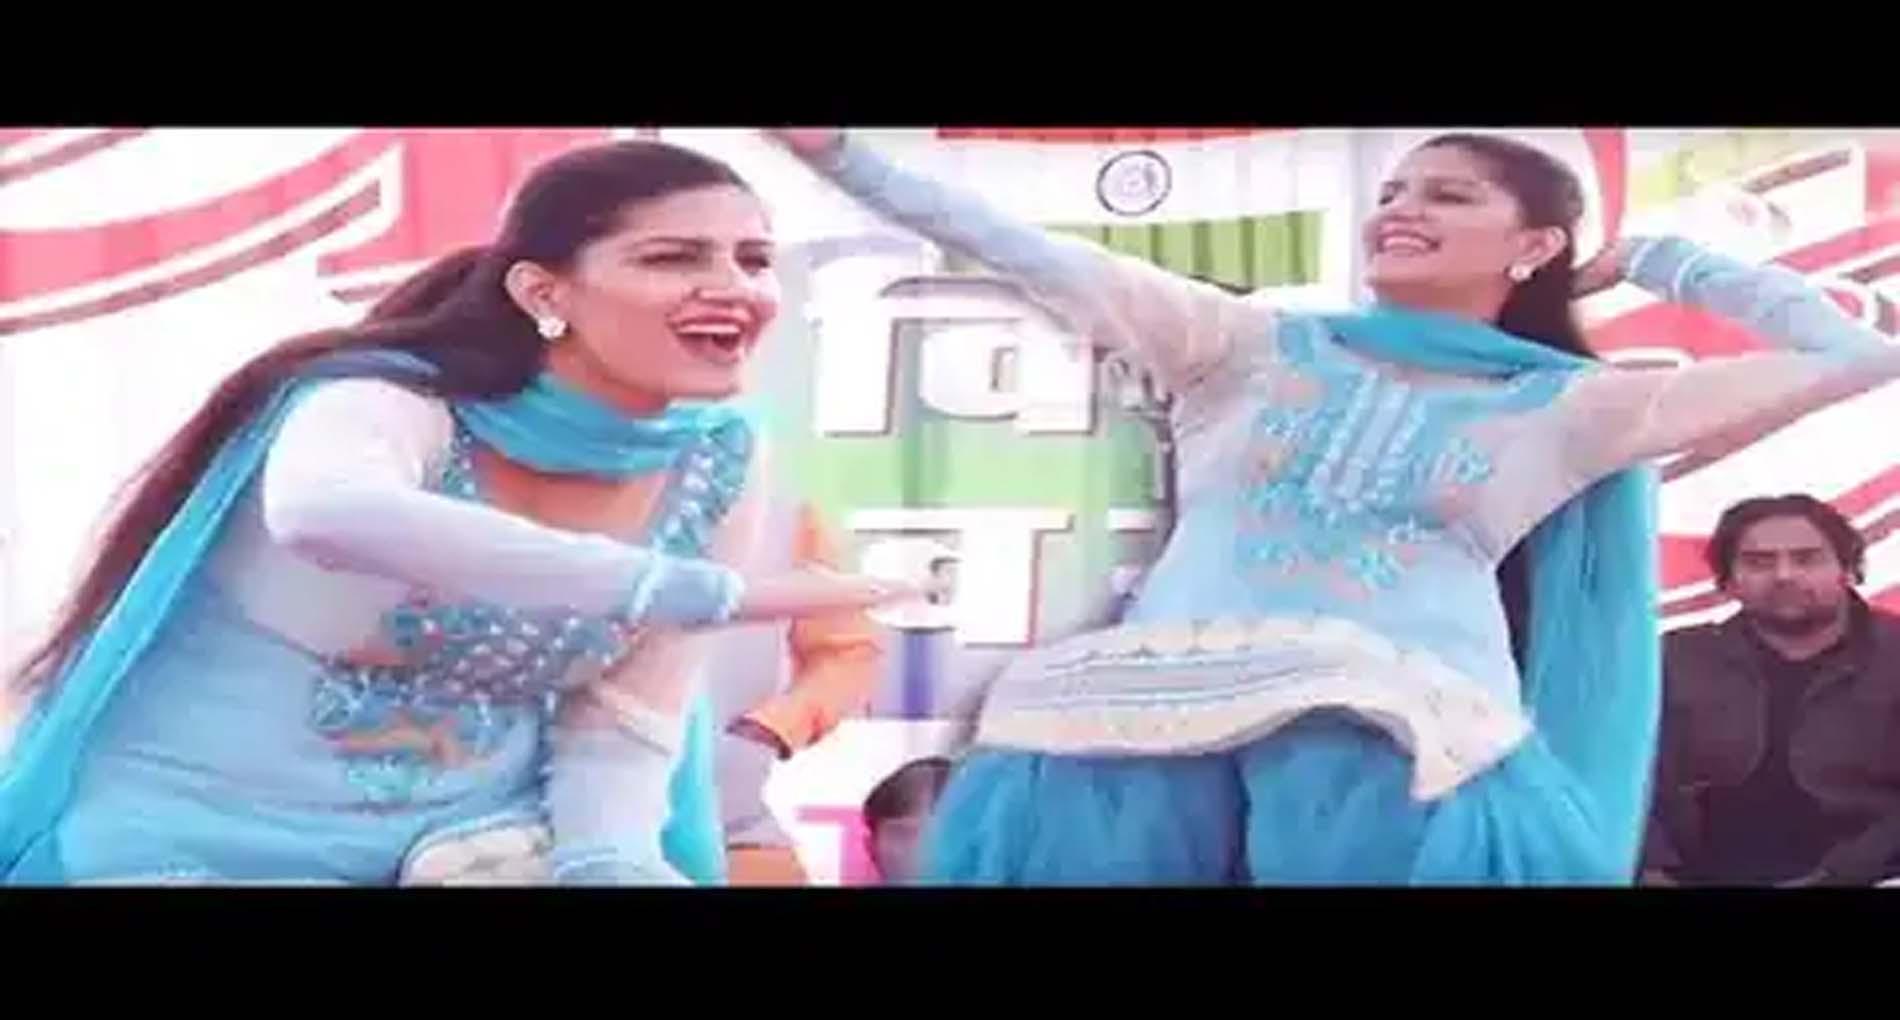 Haryanvi Song: सपना चौधरी ने किया 'तेरी झोल पिया…' पर जोरदार डांस! हिट हो गया गाना